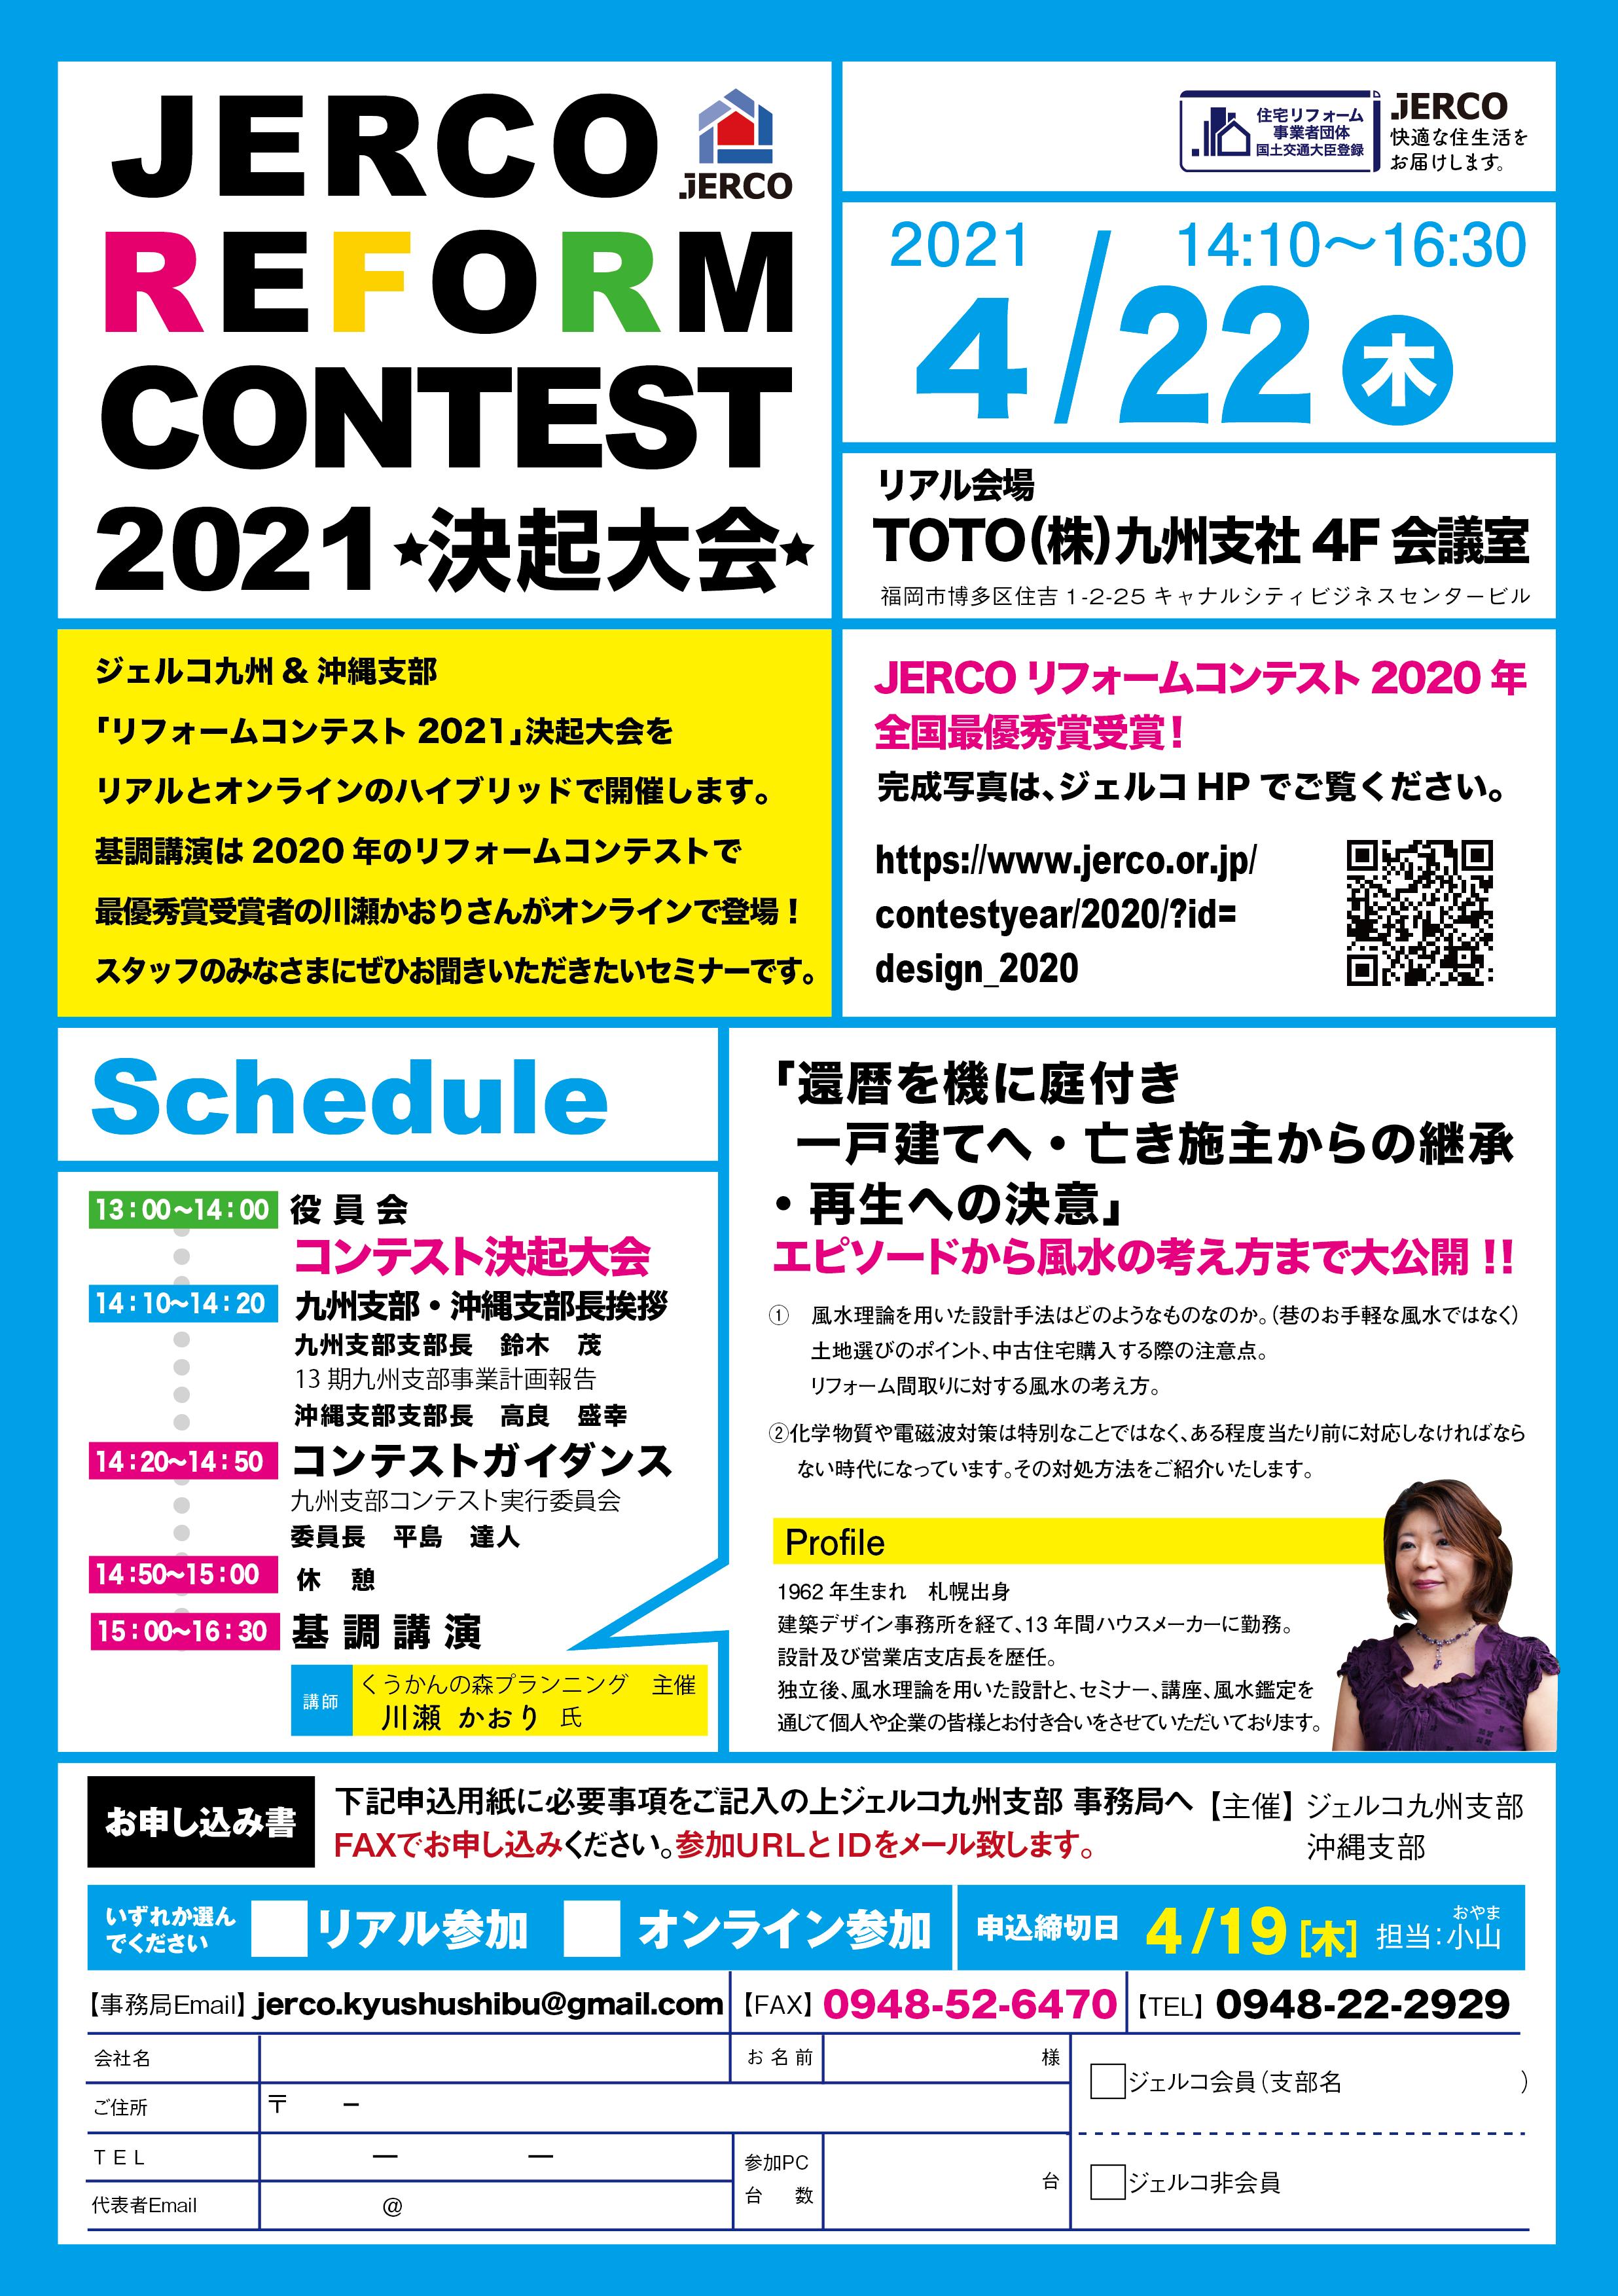 2021年4月22日(木)九州&沖縄支部 JERCO REFORM CONTEST2021決起大会